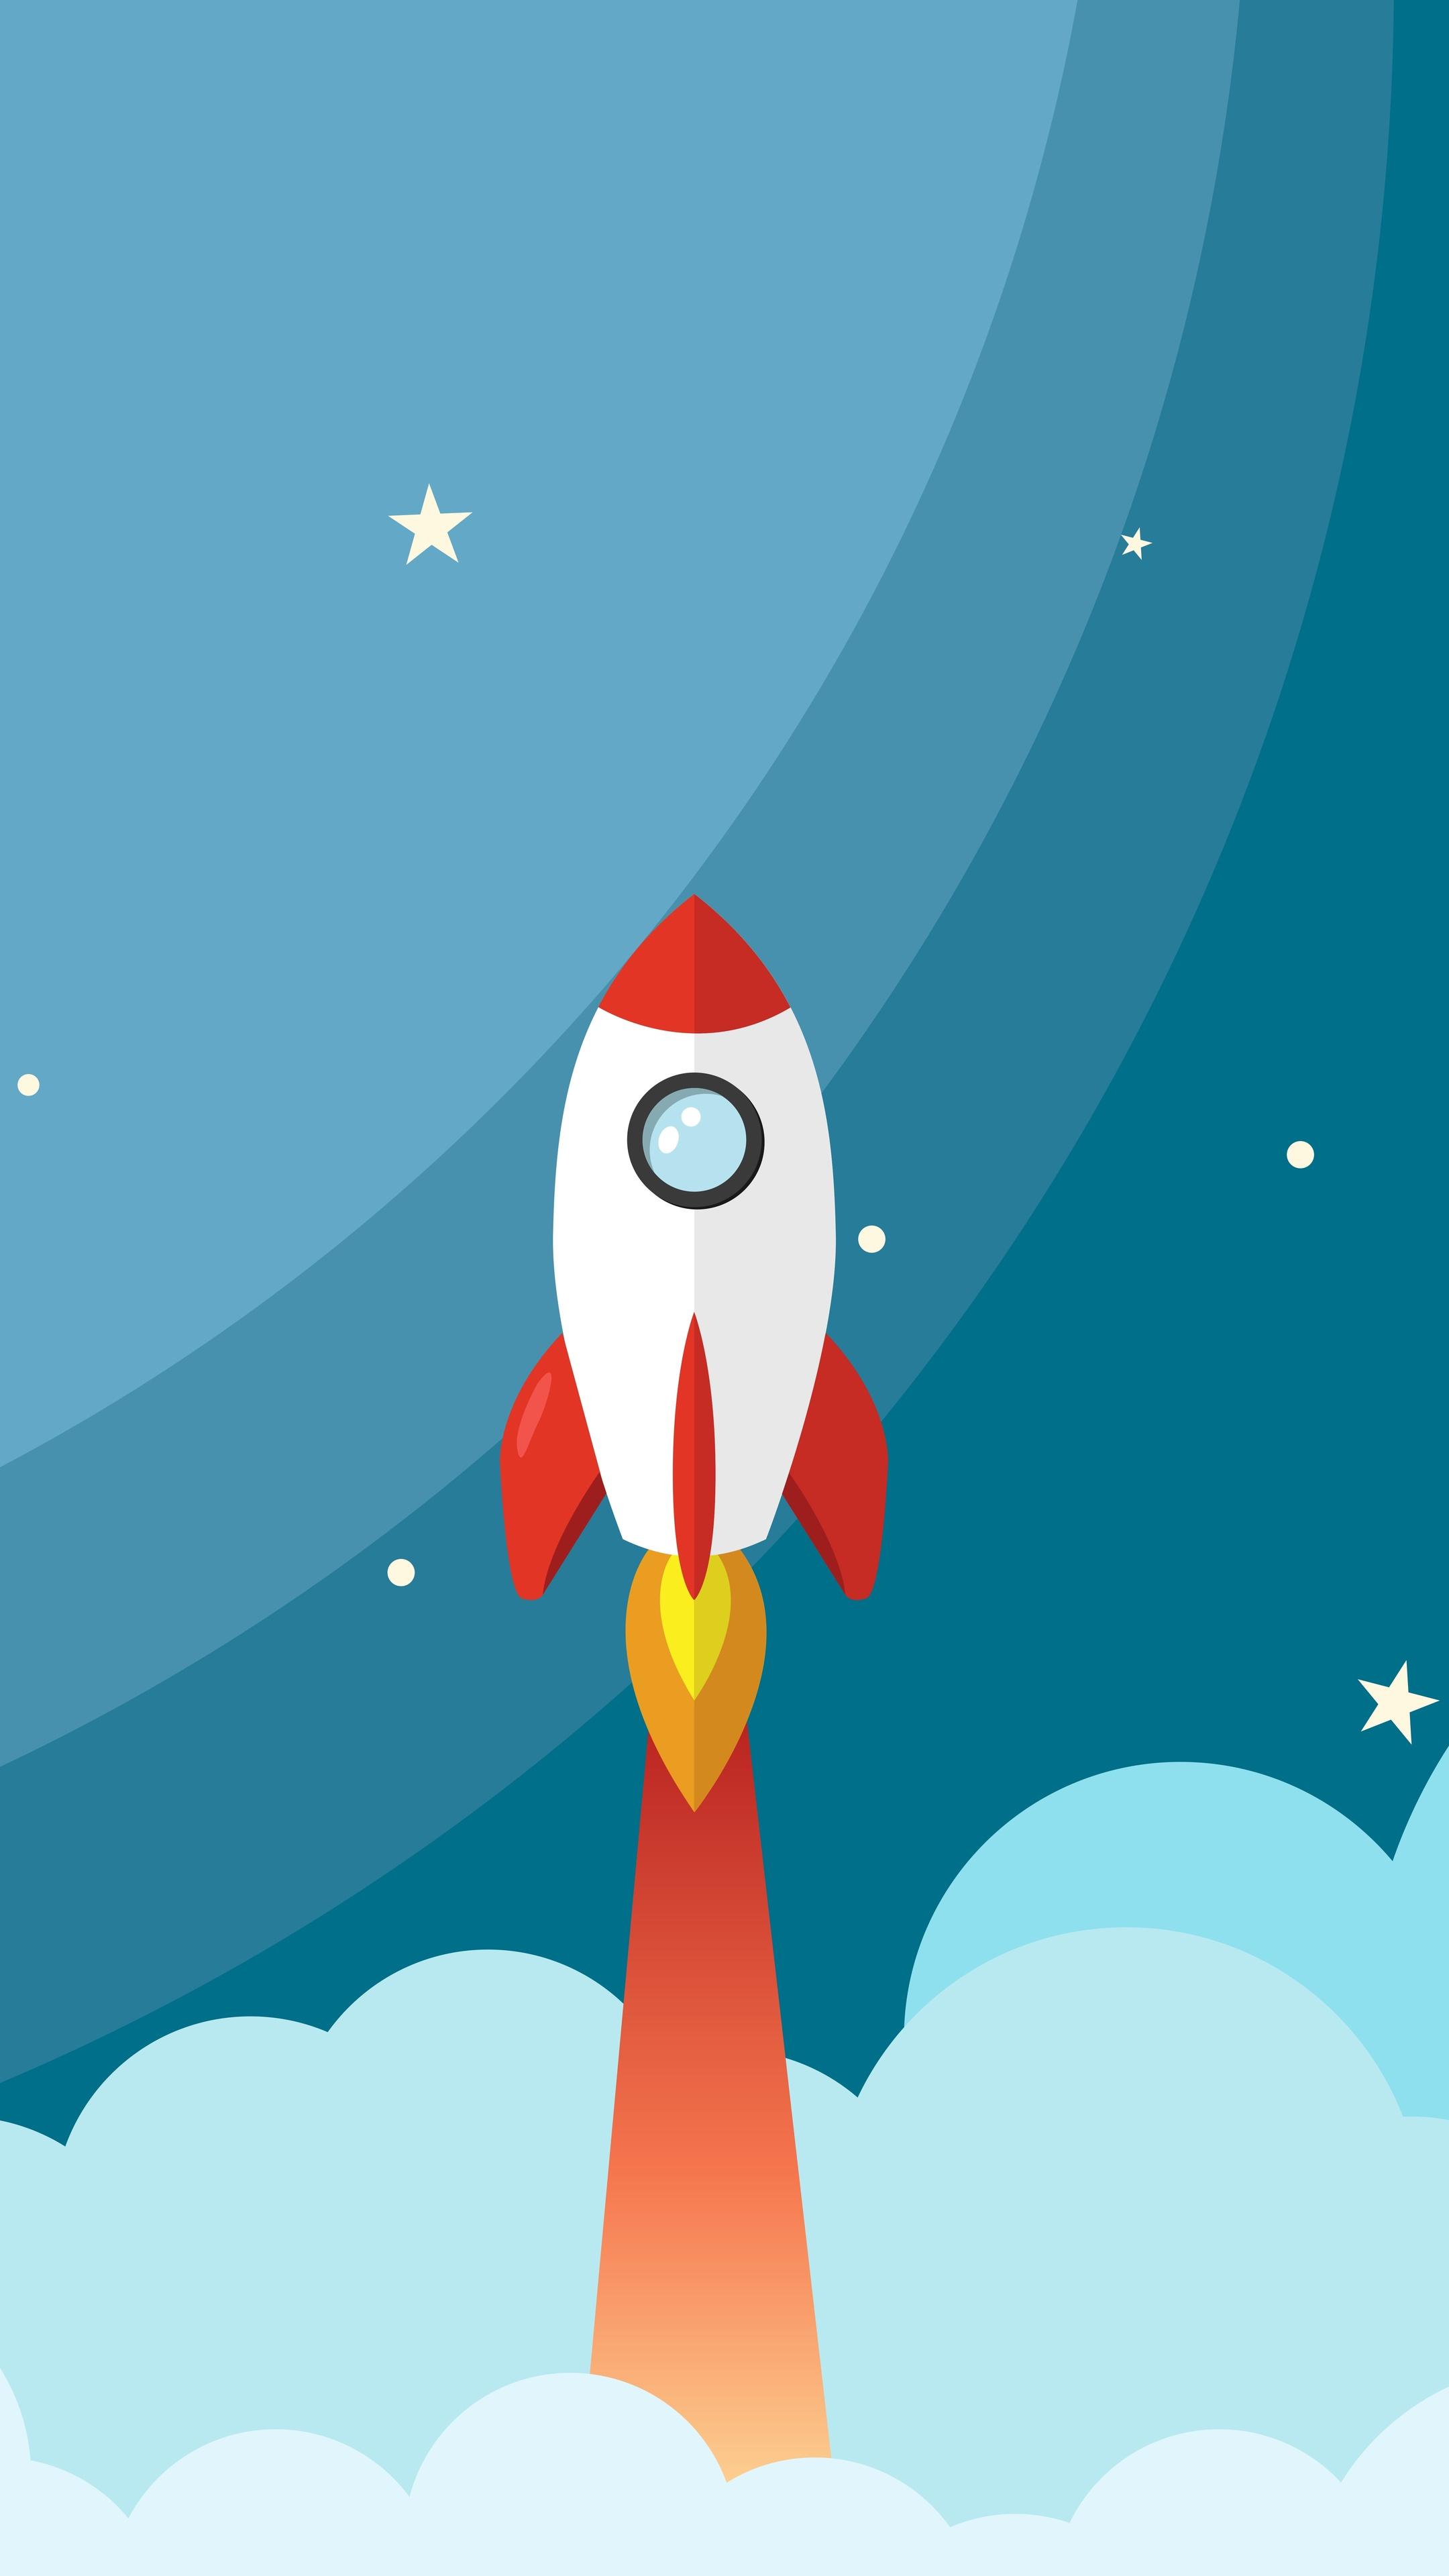 artistic-cloud-rocket-12k-artwork-y7.jpg